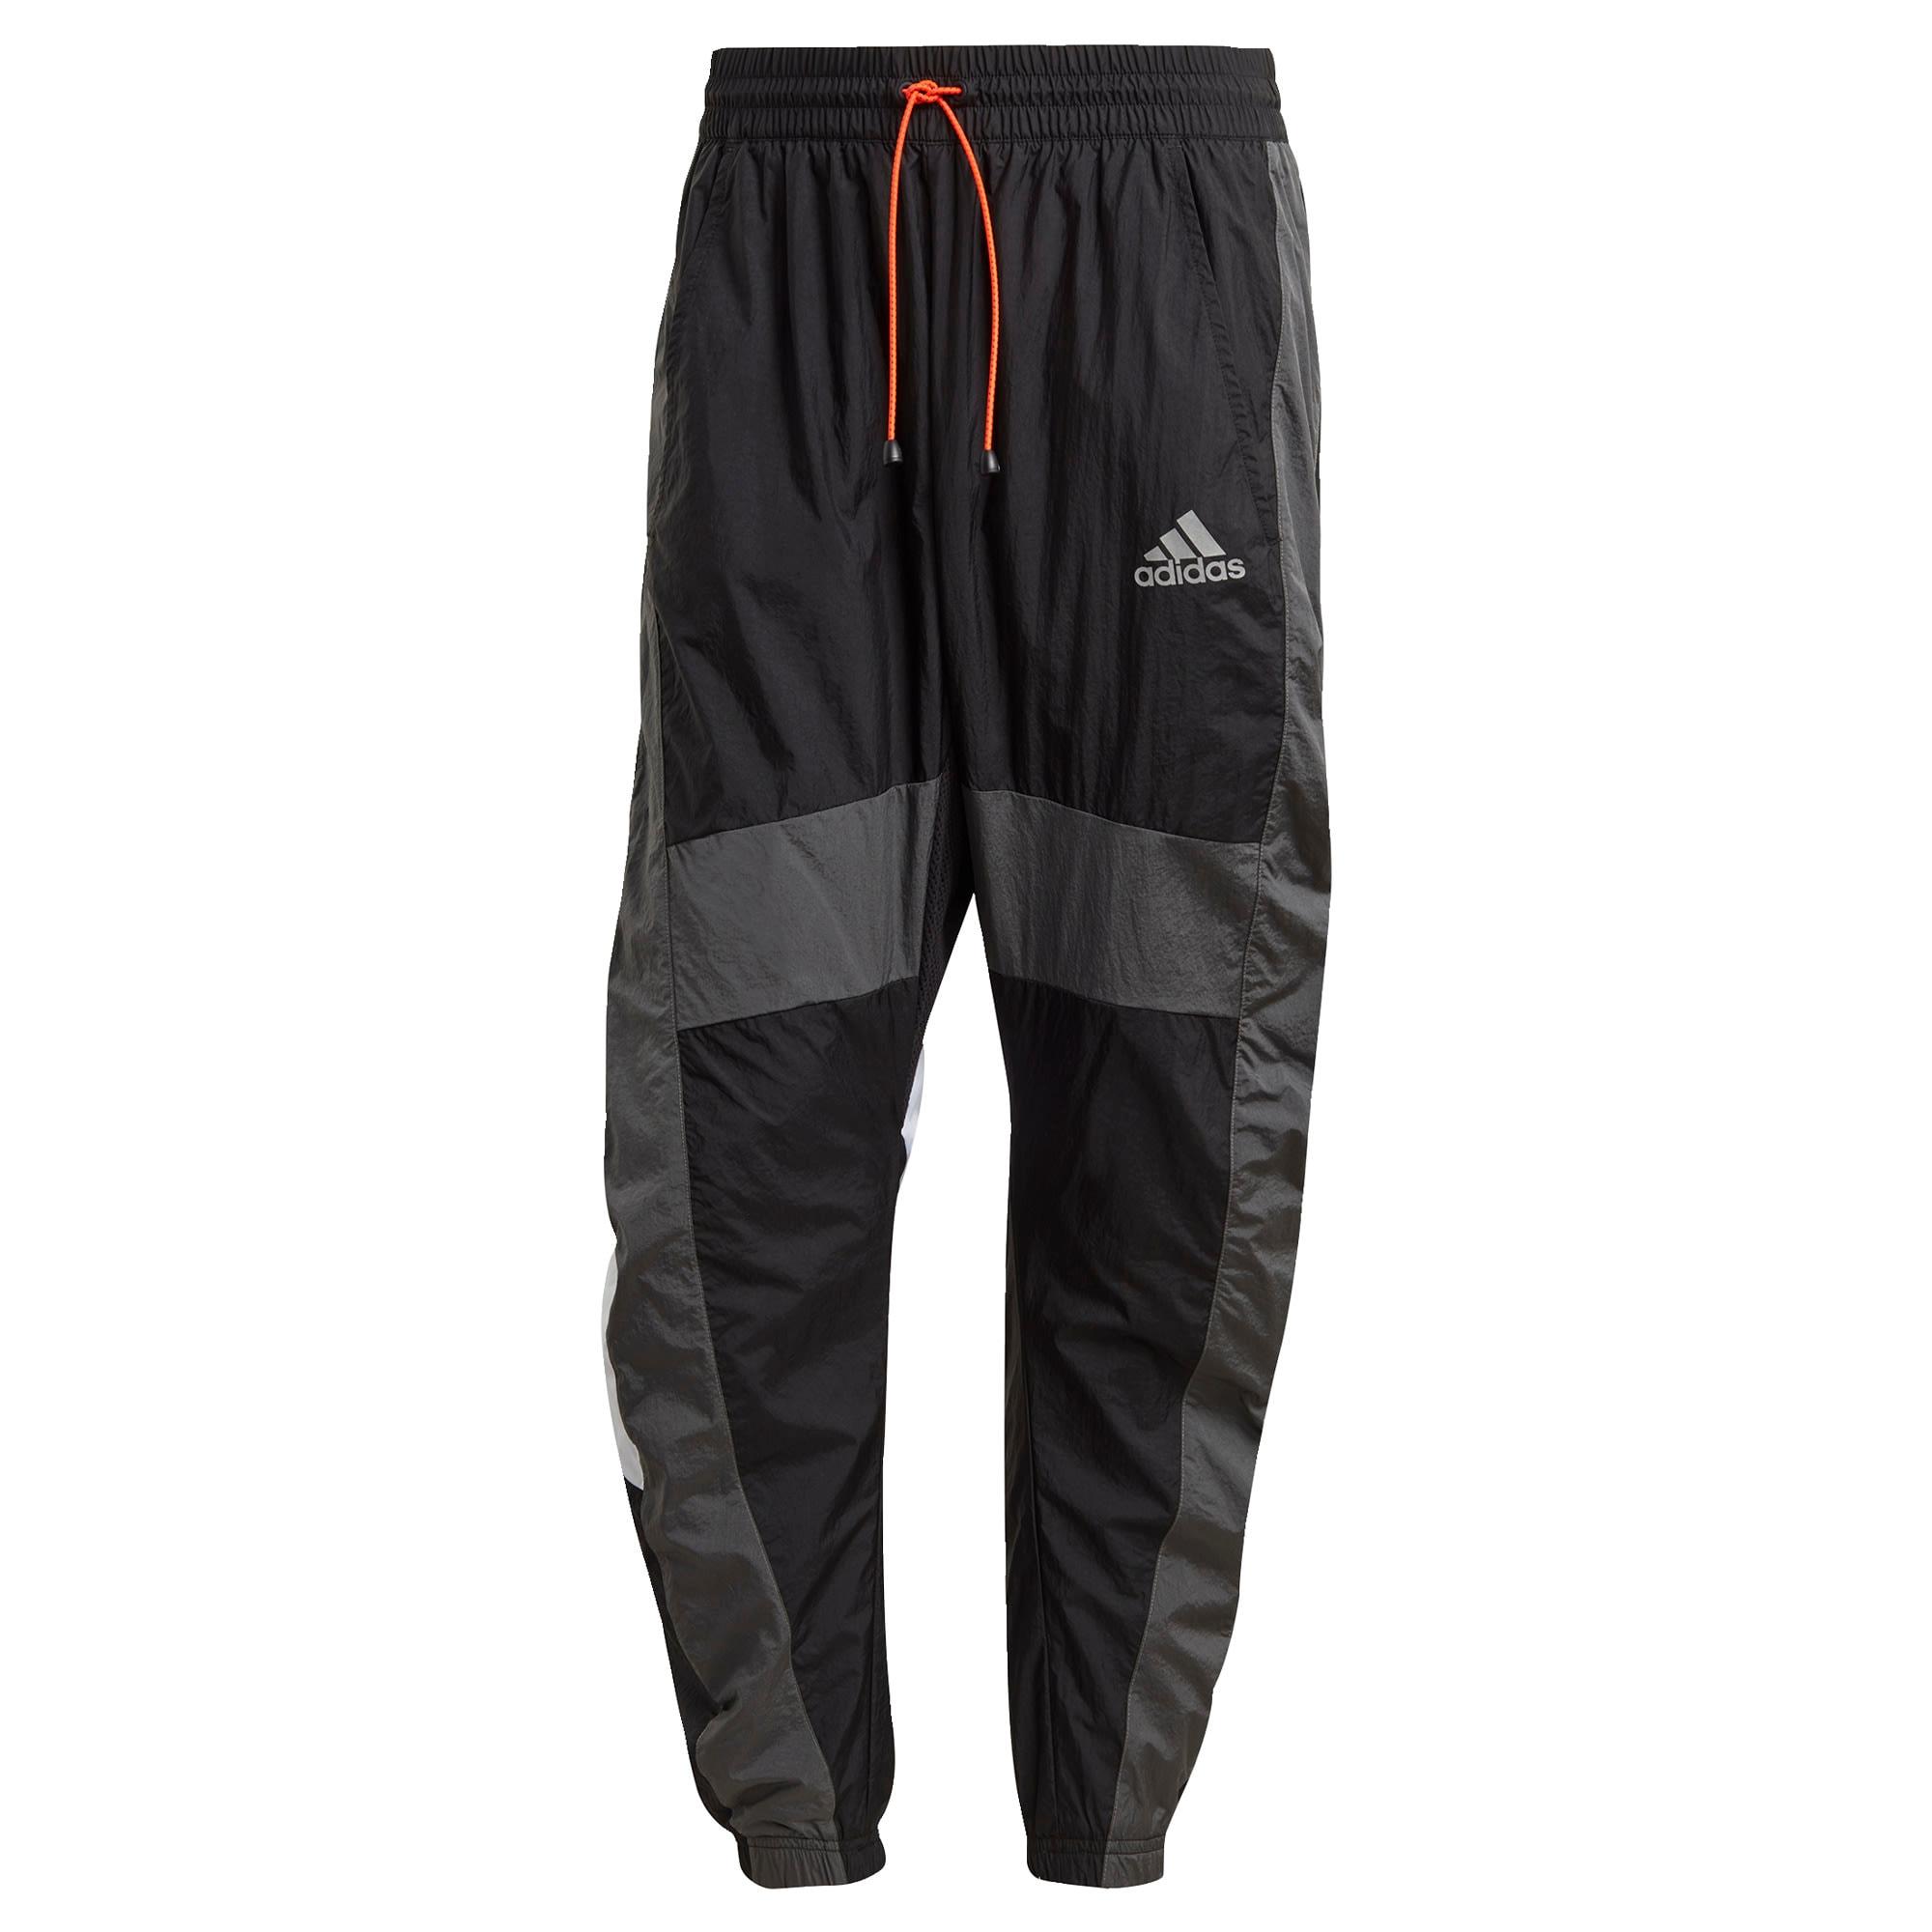 ADIDAS PERFORMANCE Sportinės kelnės juoda / tamsiai pilka / balta